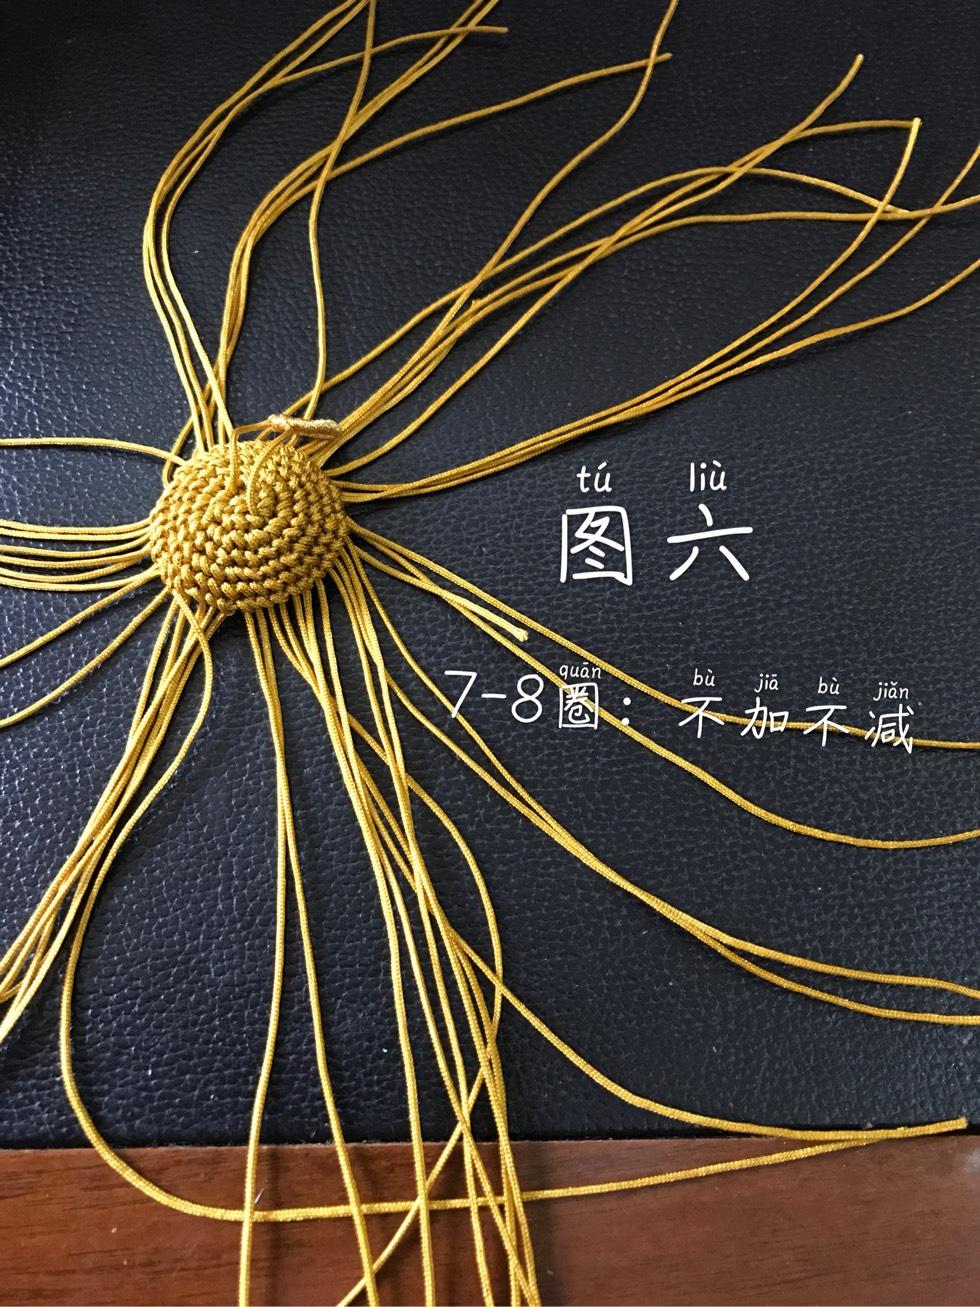 中国结论坛 嗷呜嗷呜的大狮子  图文教程区 193619aqccaaqqeaaqesbl